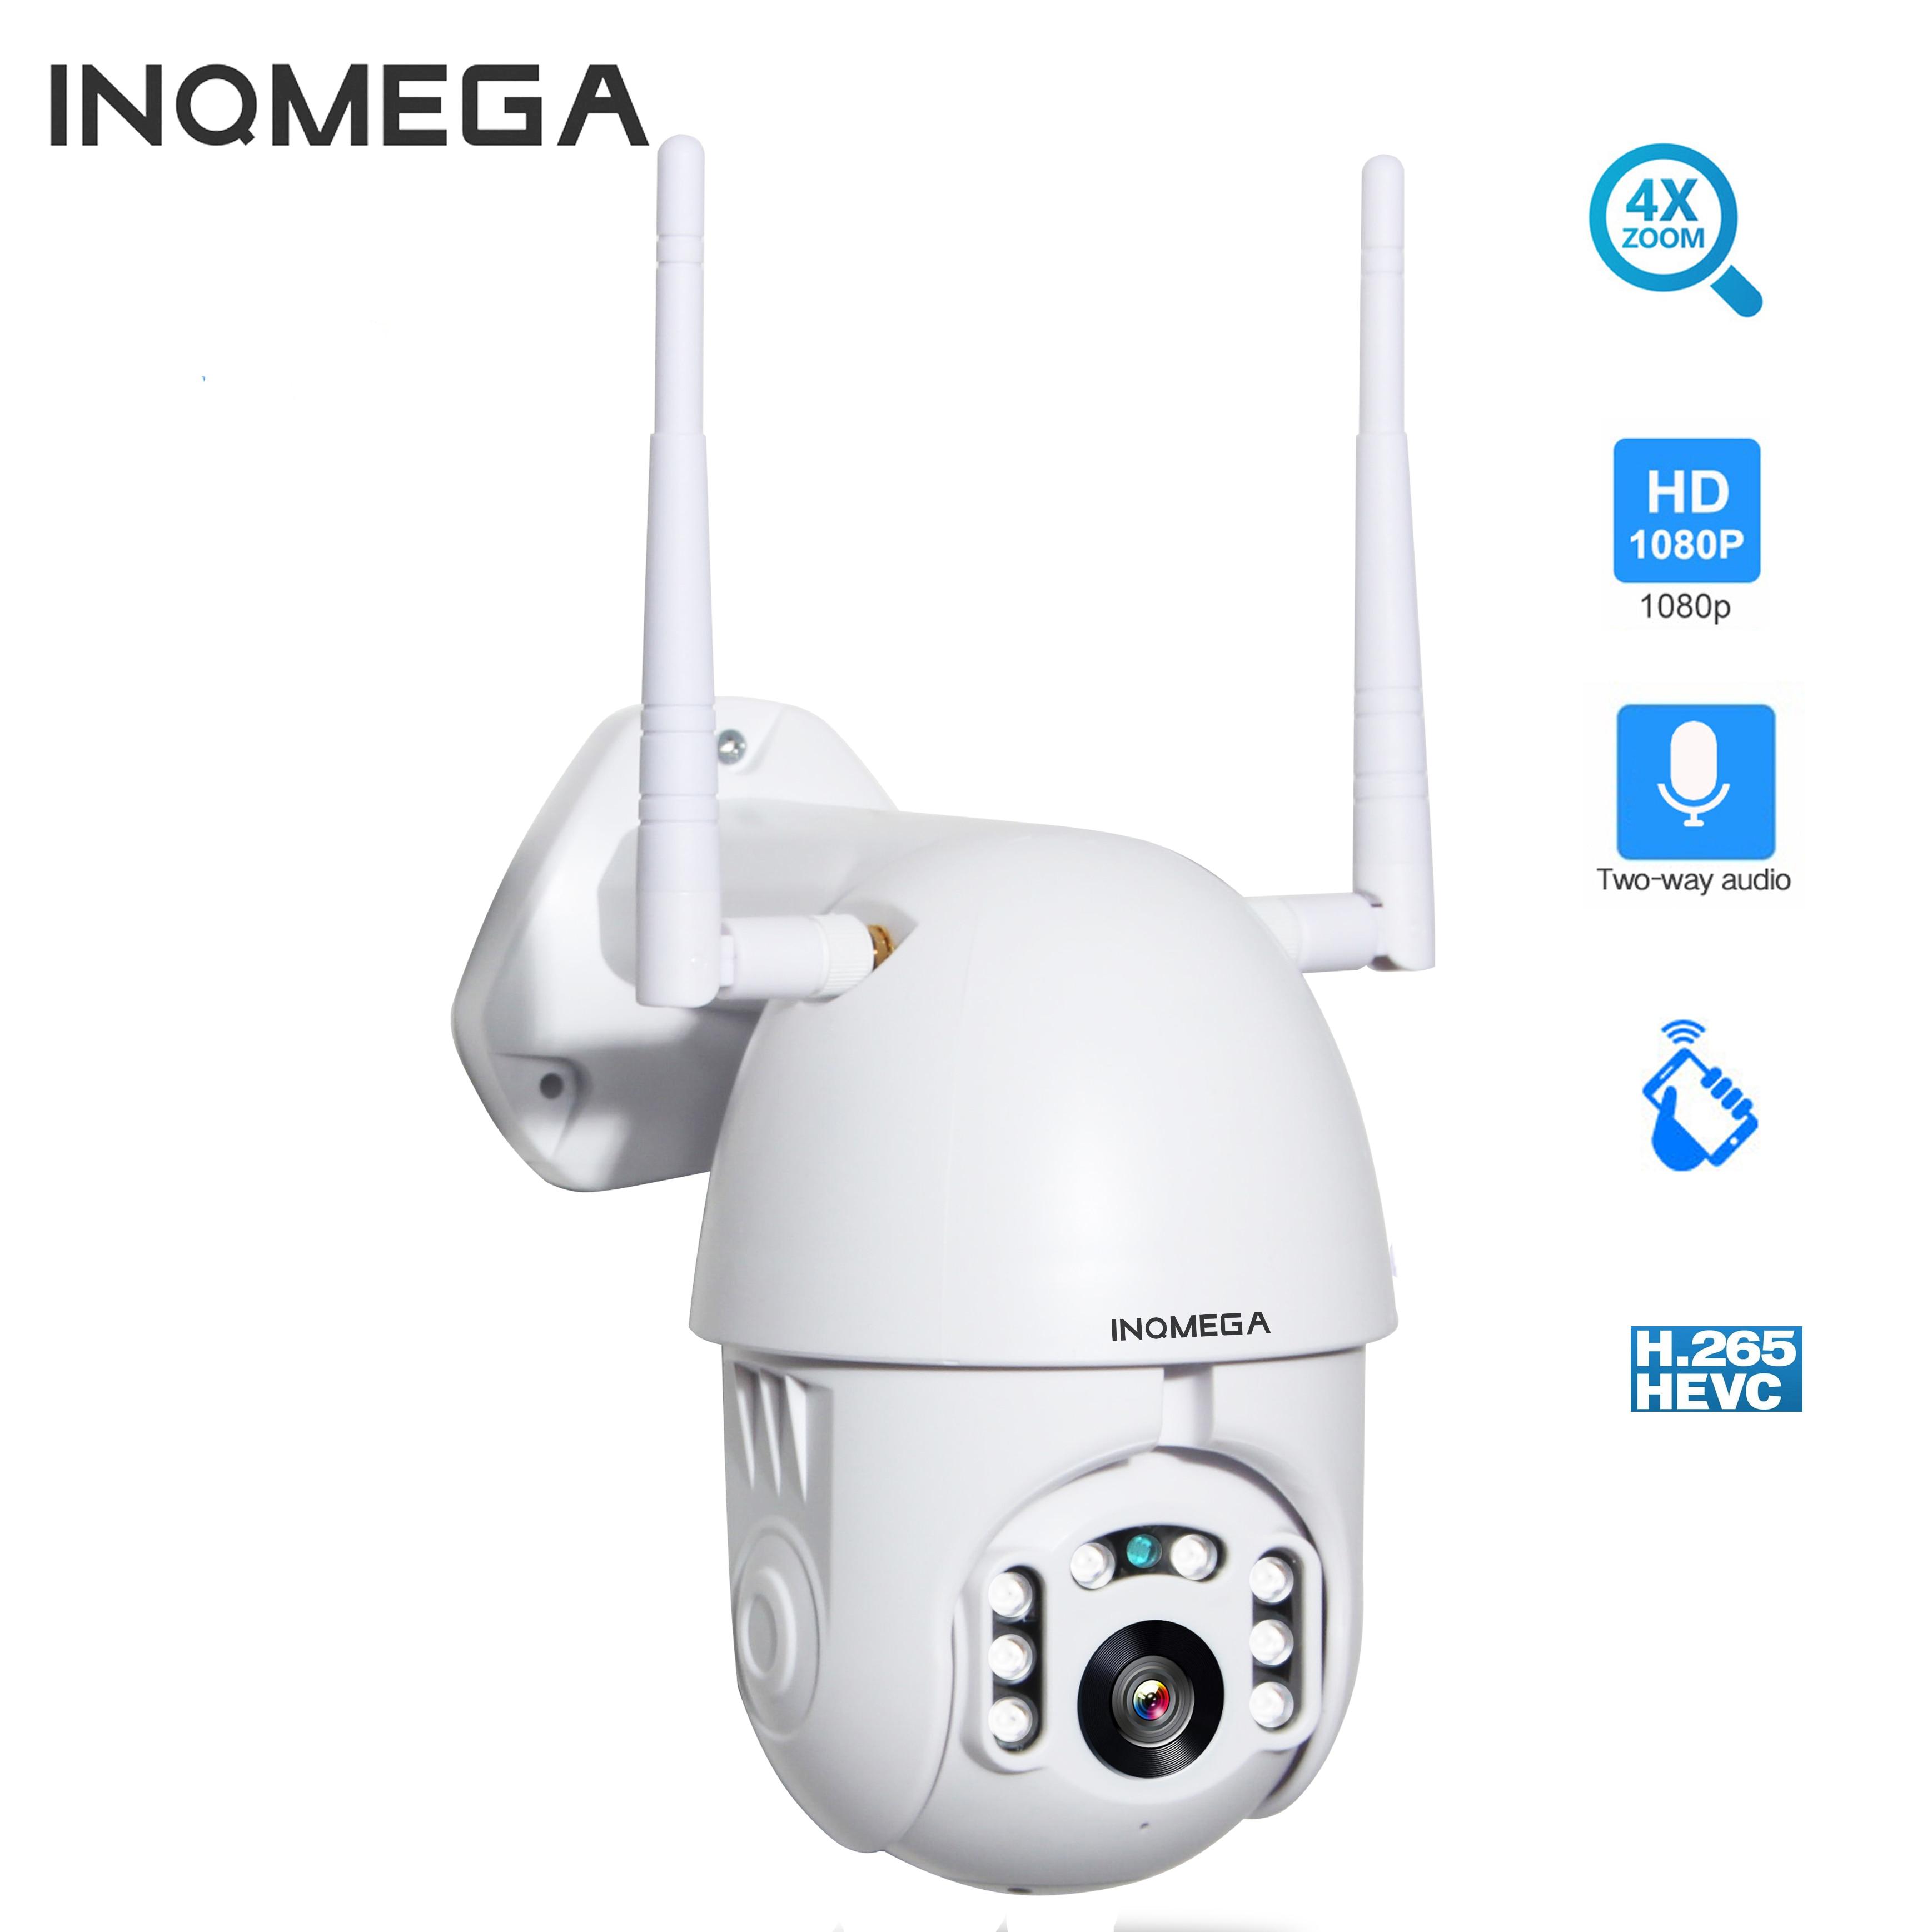 Inqmega 4x zoom digital h.265x 1080p ptz ip câmera ao ar livre velocidade dome cctv câmeras de segurança wifi exterior ir vigilância em casa